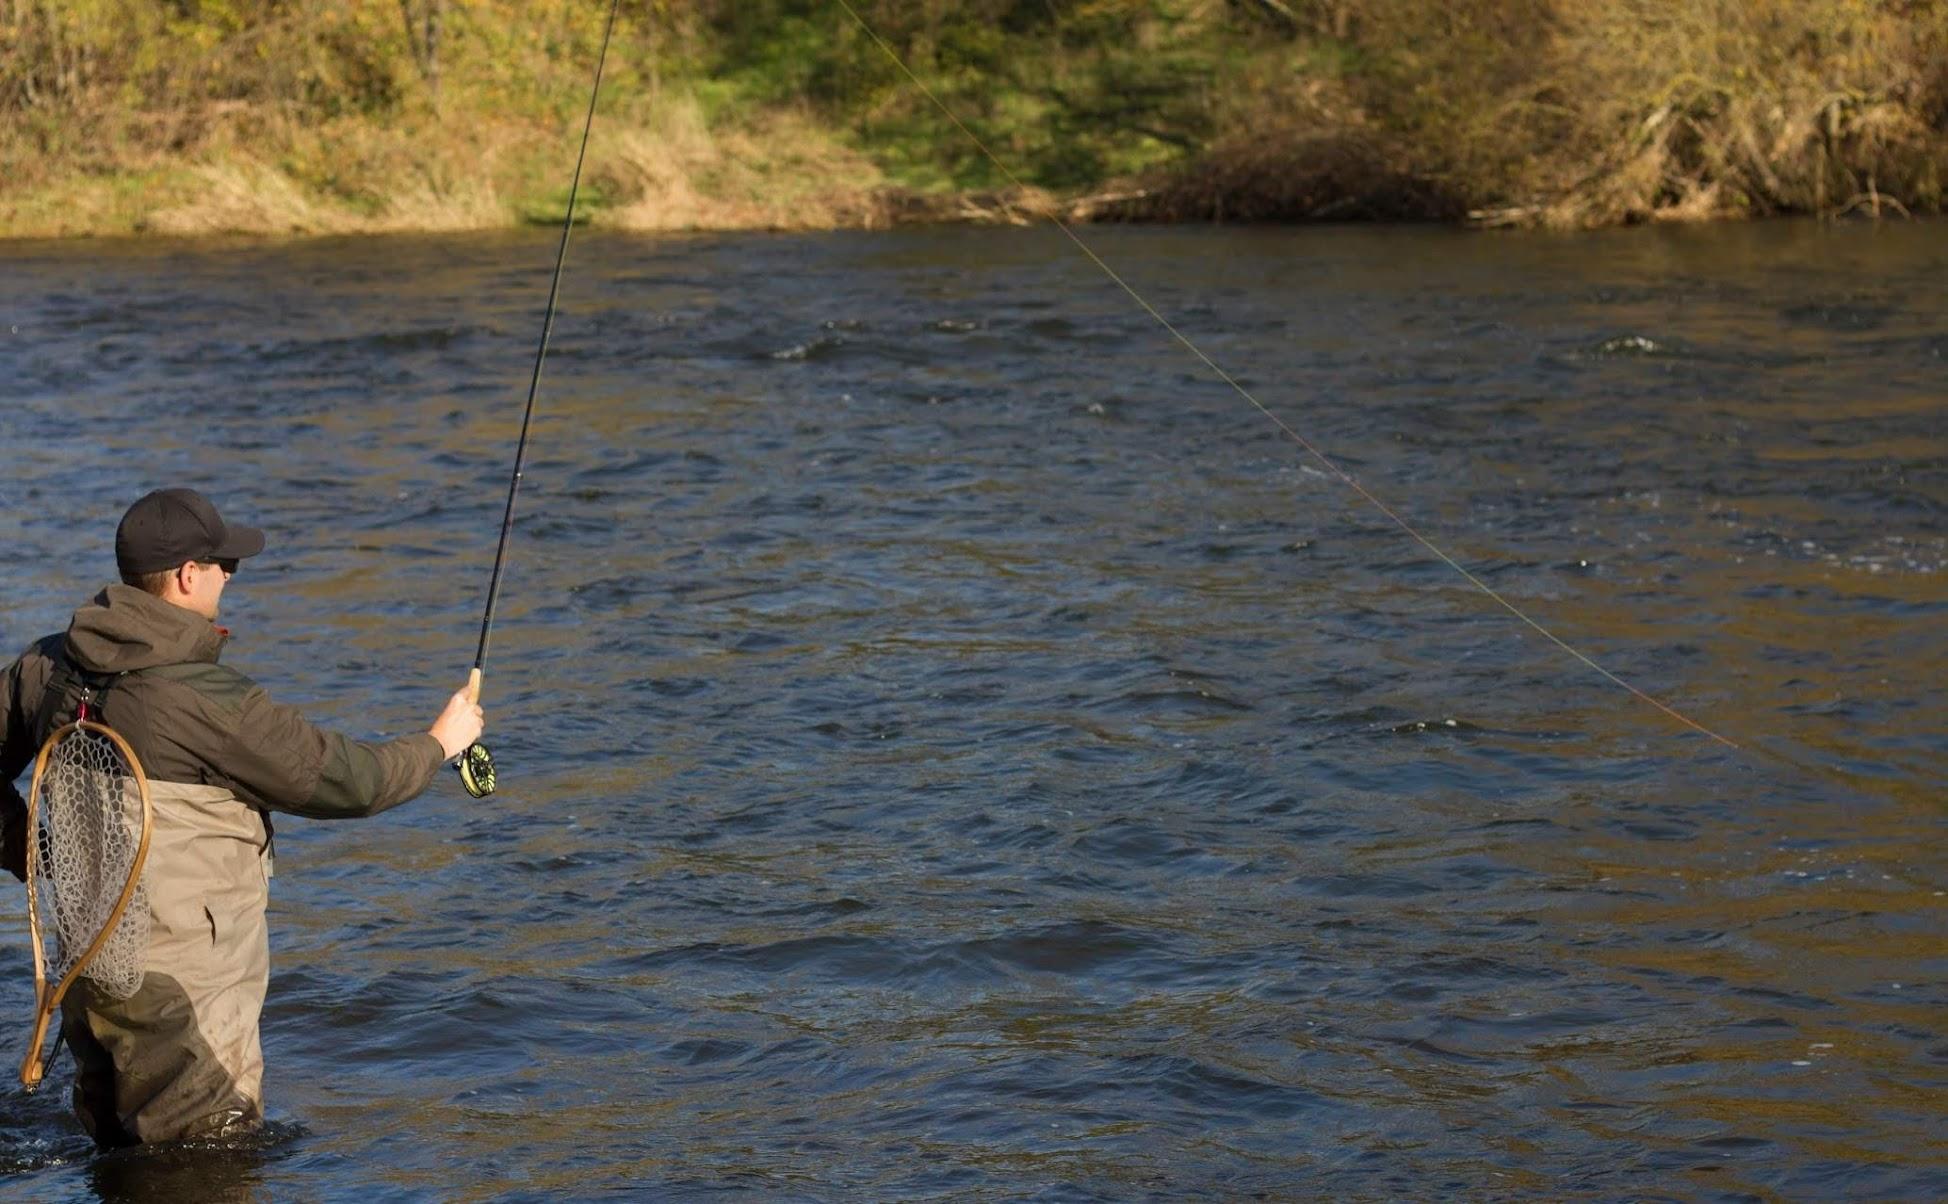 Fil De Peche Rose indicateur bicolore blanc / noir ( 8 mètres ) pour pêche en nymphe au fil